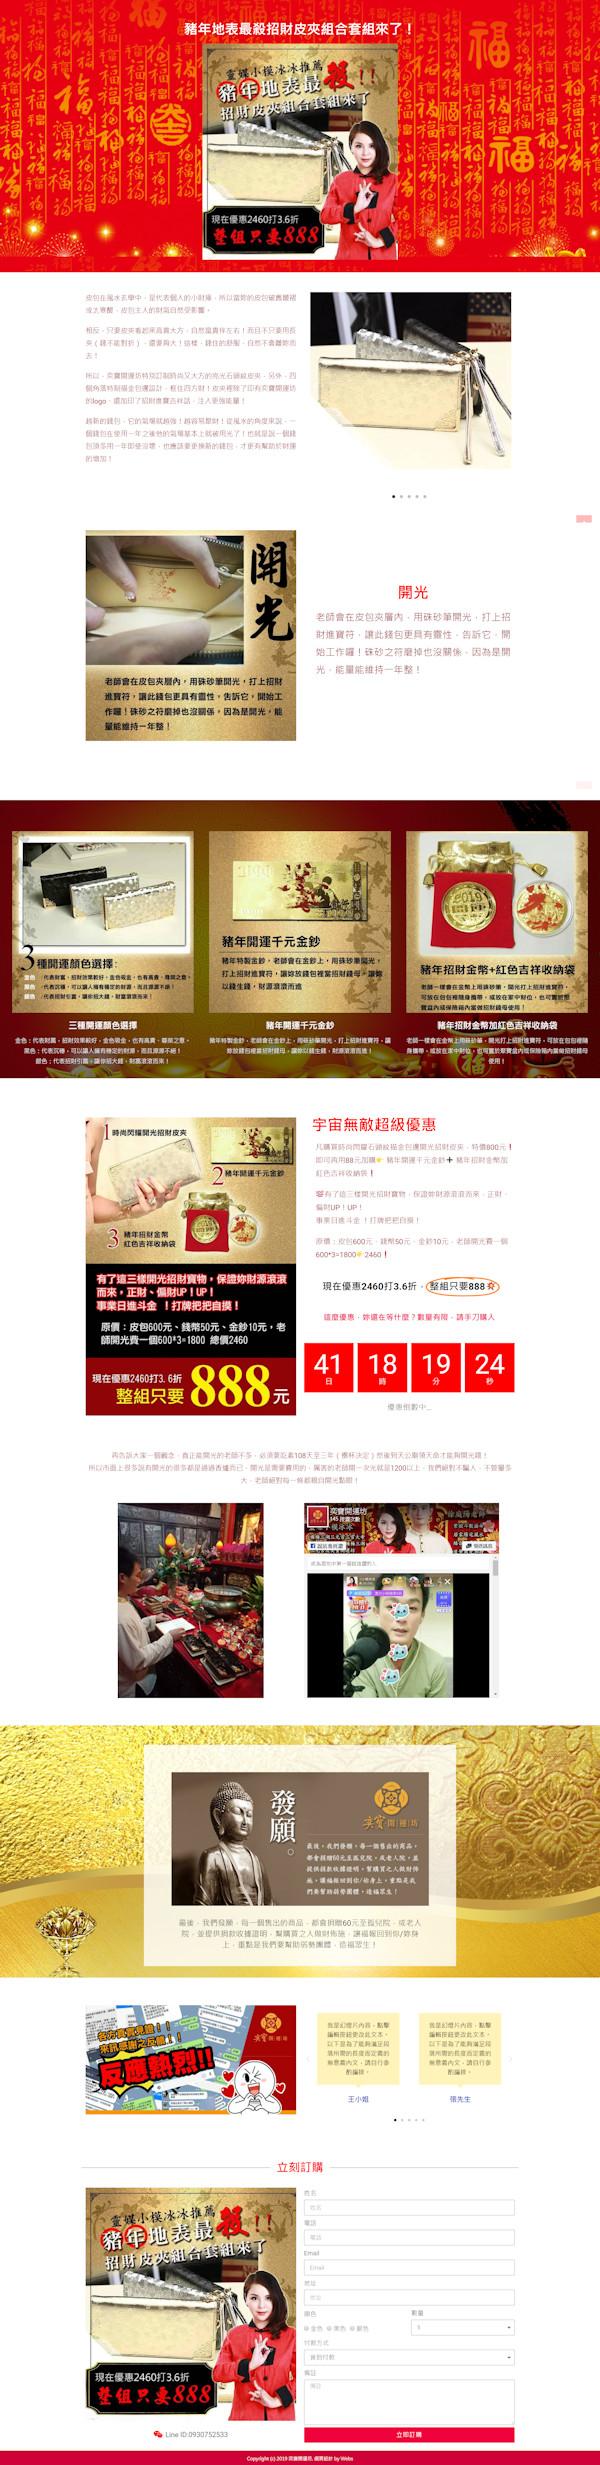 網頁設計-開運皮包1